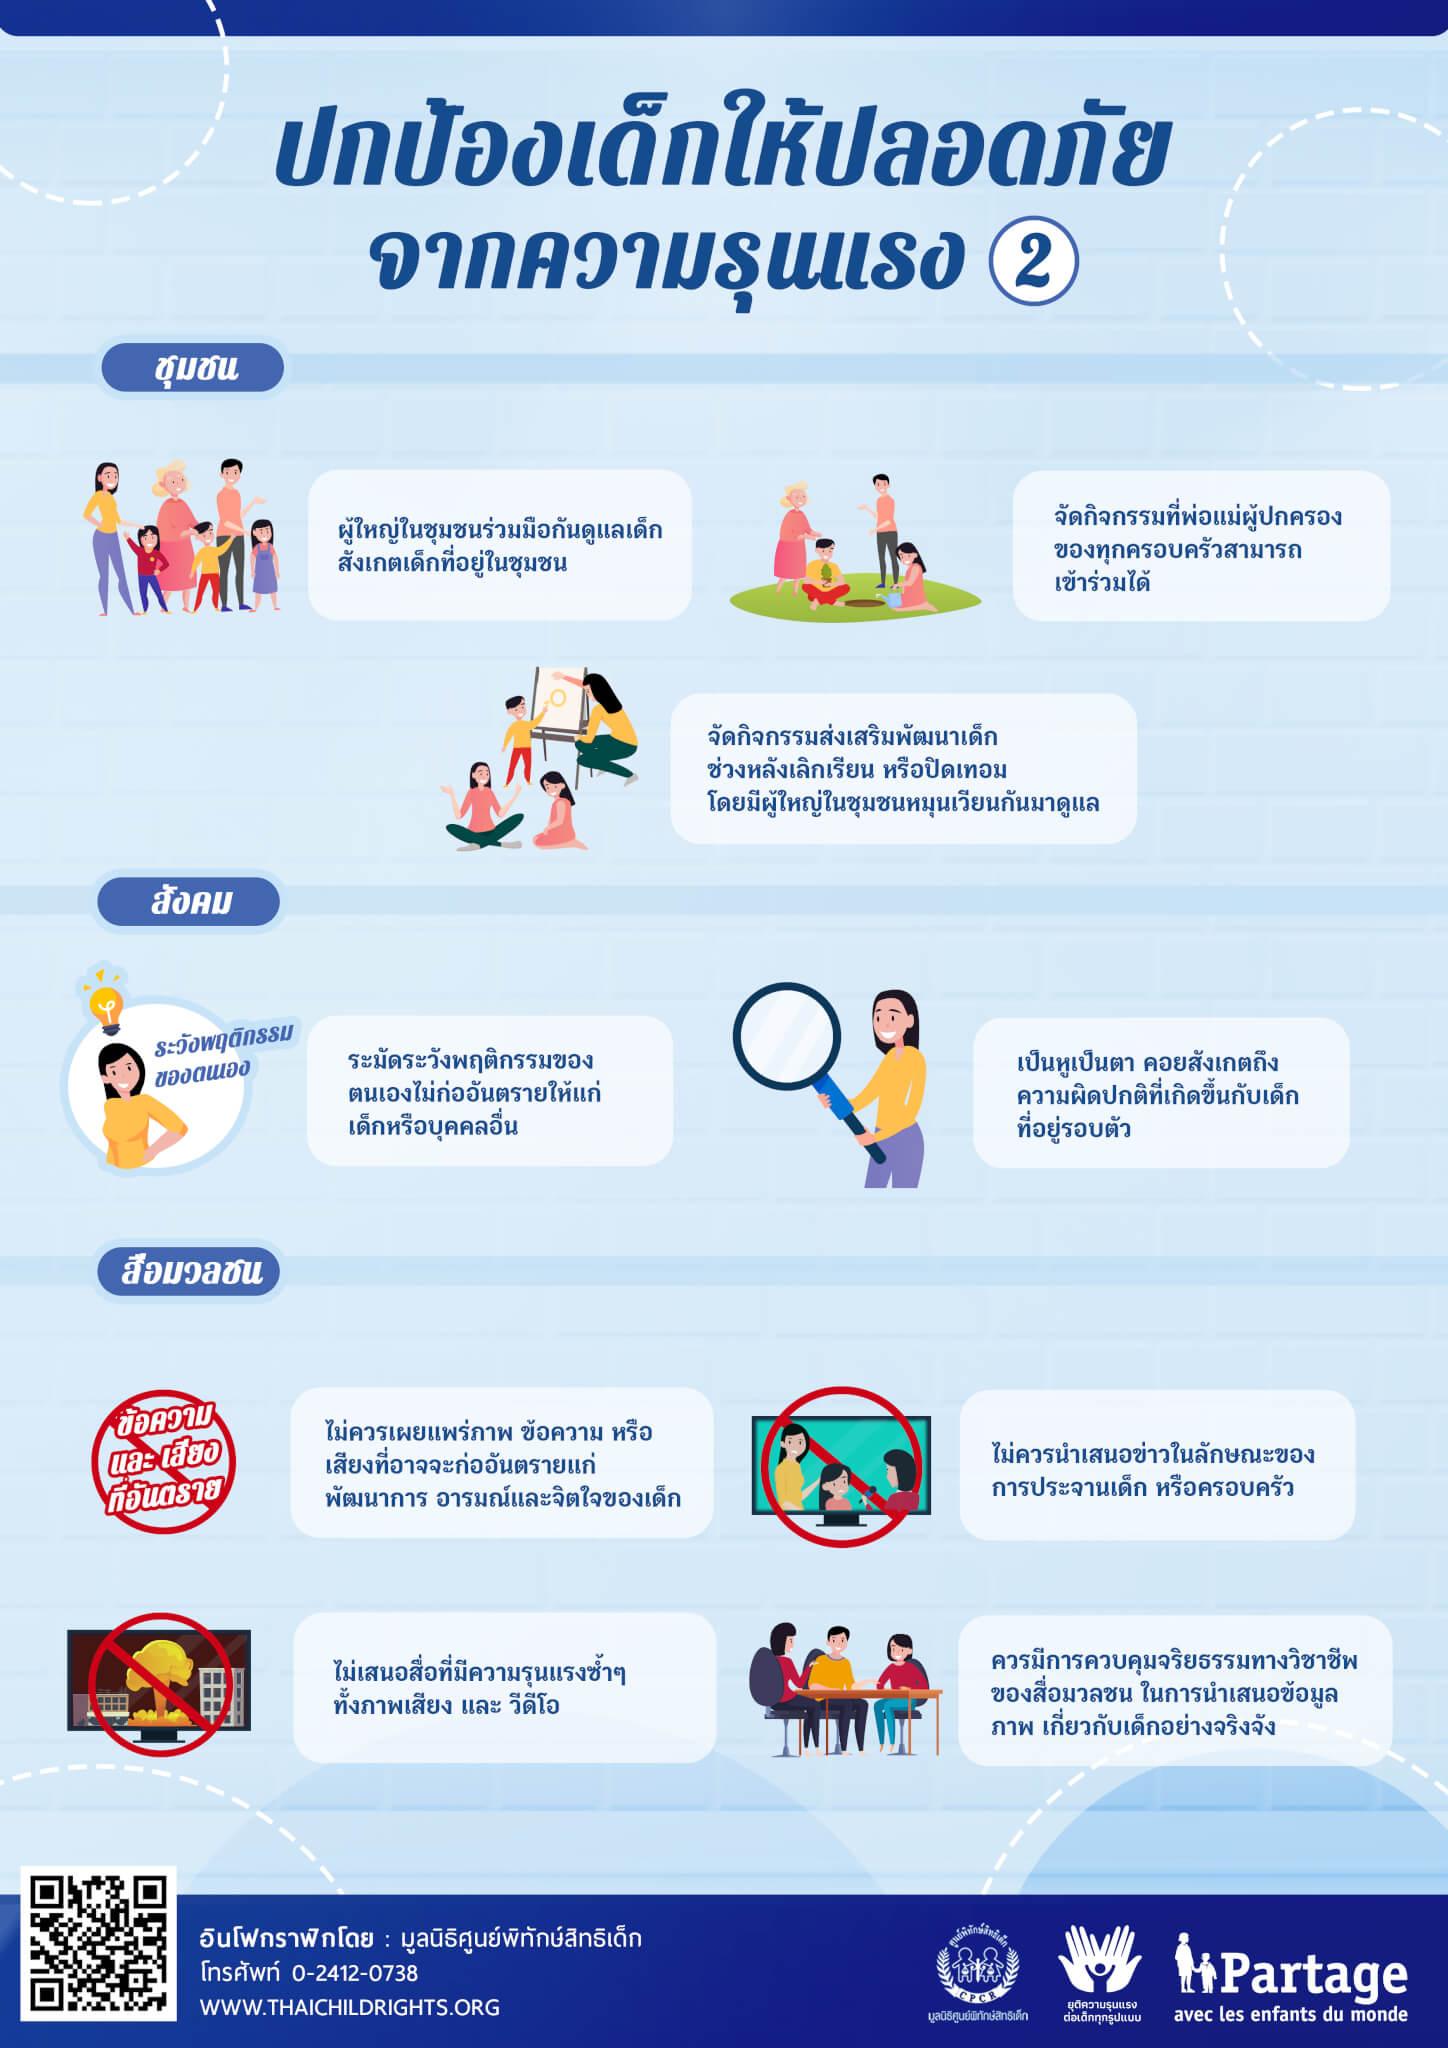 Info Graphic เลี้ยงลูกให้มีสุขภาพจิตดี